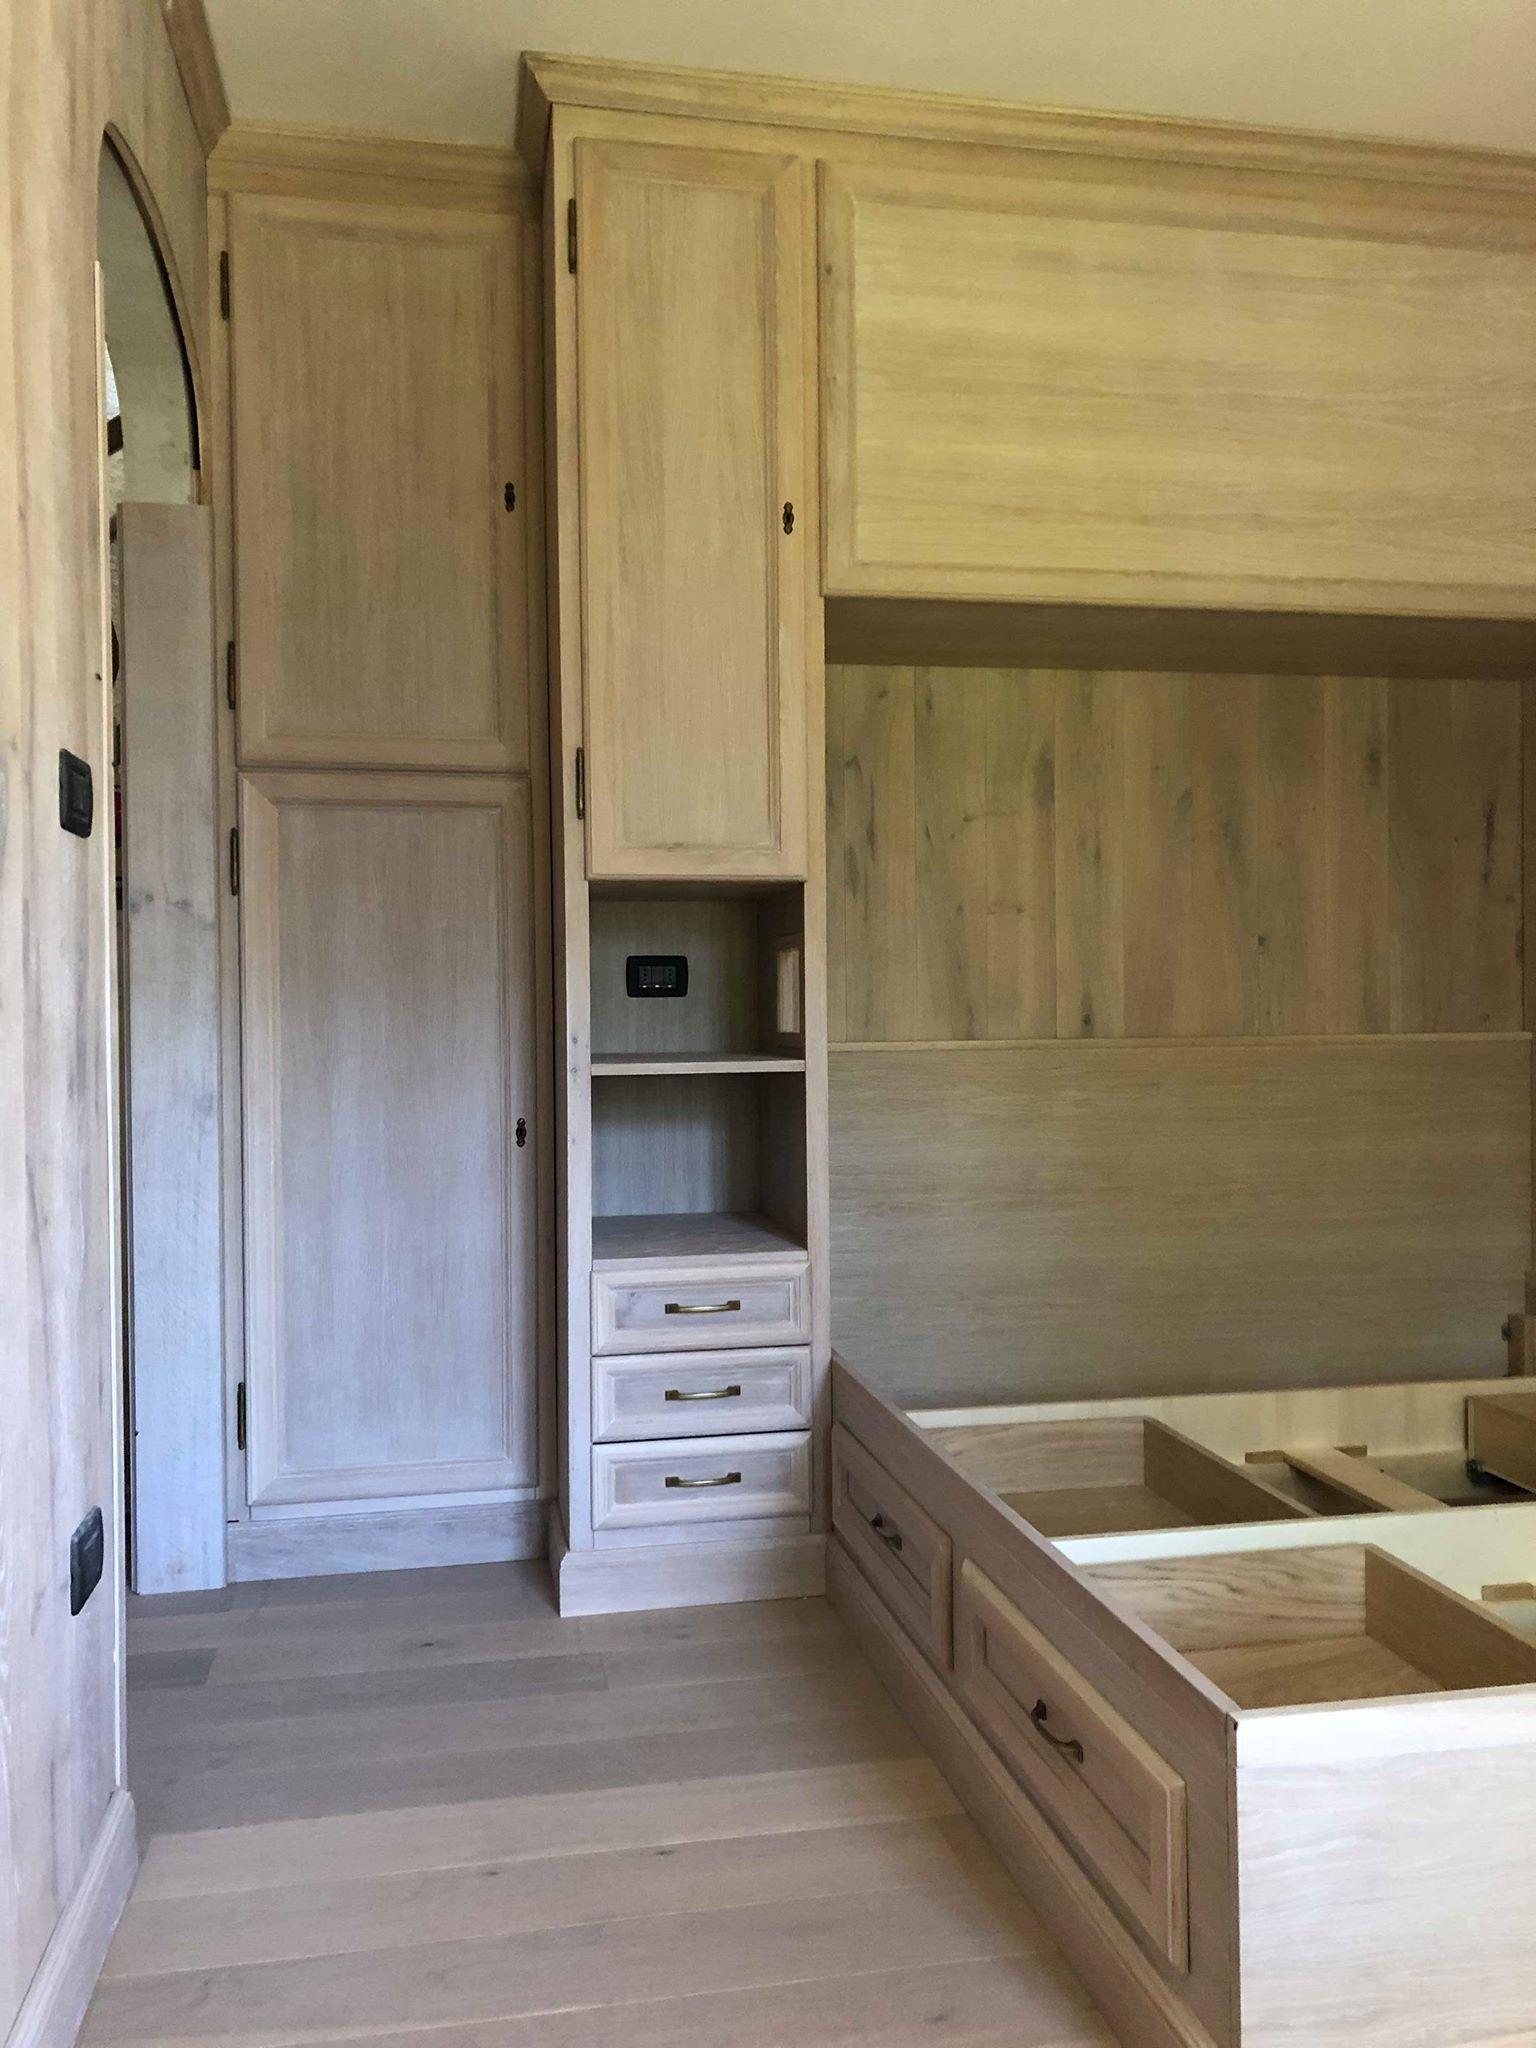 Camera da letto con armadio a ponte letto con cassetti - Camera da letto con boiserie ...